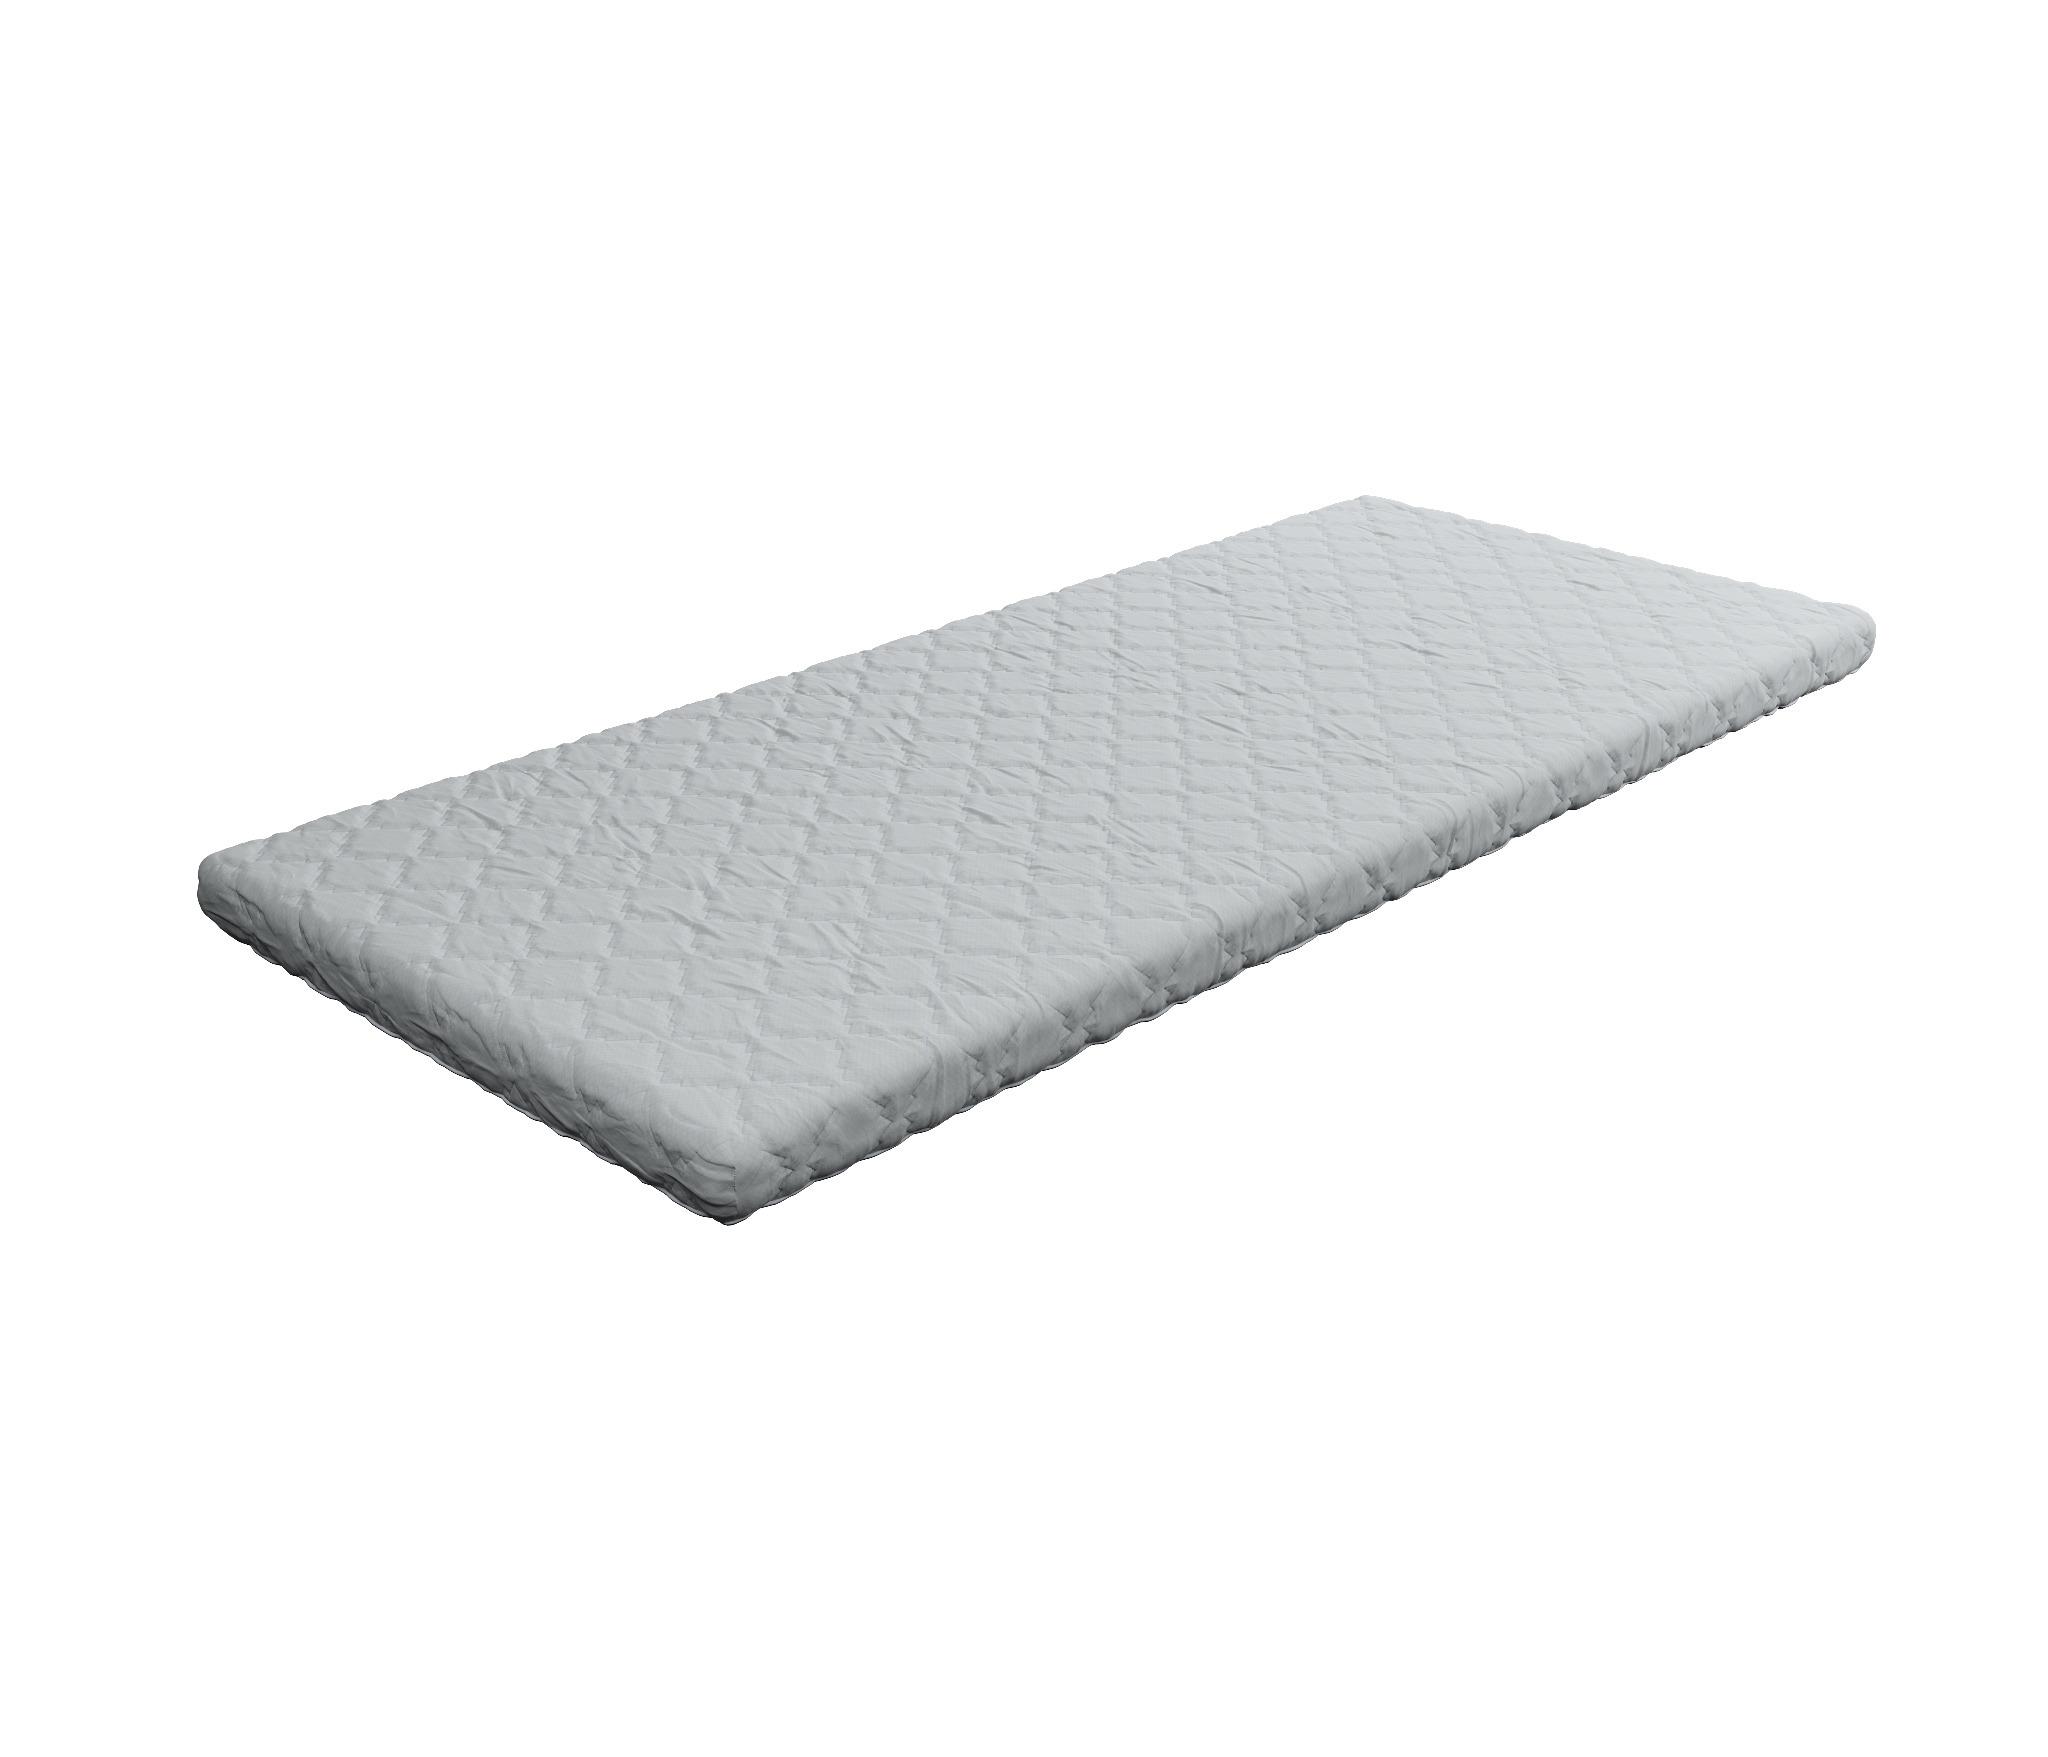 Матрас Топпер-Прима 1200*2000Кровати<br>Топпер- это идеальное экономичное решение для дач, для выравнивания спального места на диване и для всех тех, кто хочет получить максимум комфорта при минимальных затратах.&#13;Блок ППУ высокой прочности, обе стороны ровные, чехол несъемный. Ткань чехла Stelline, плотностью 11 pix.&#13;Толщина 40 мм.&#13;Макс. нагрузка 100 кг, при использовании на диване или матрасе.<br><br>Длина мм: 1200<br>Высота мм: 40<br>Глубина мм: 2000<br>Длина матраса: 2000<br>Ширина матраса: 1200